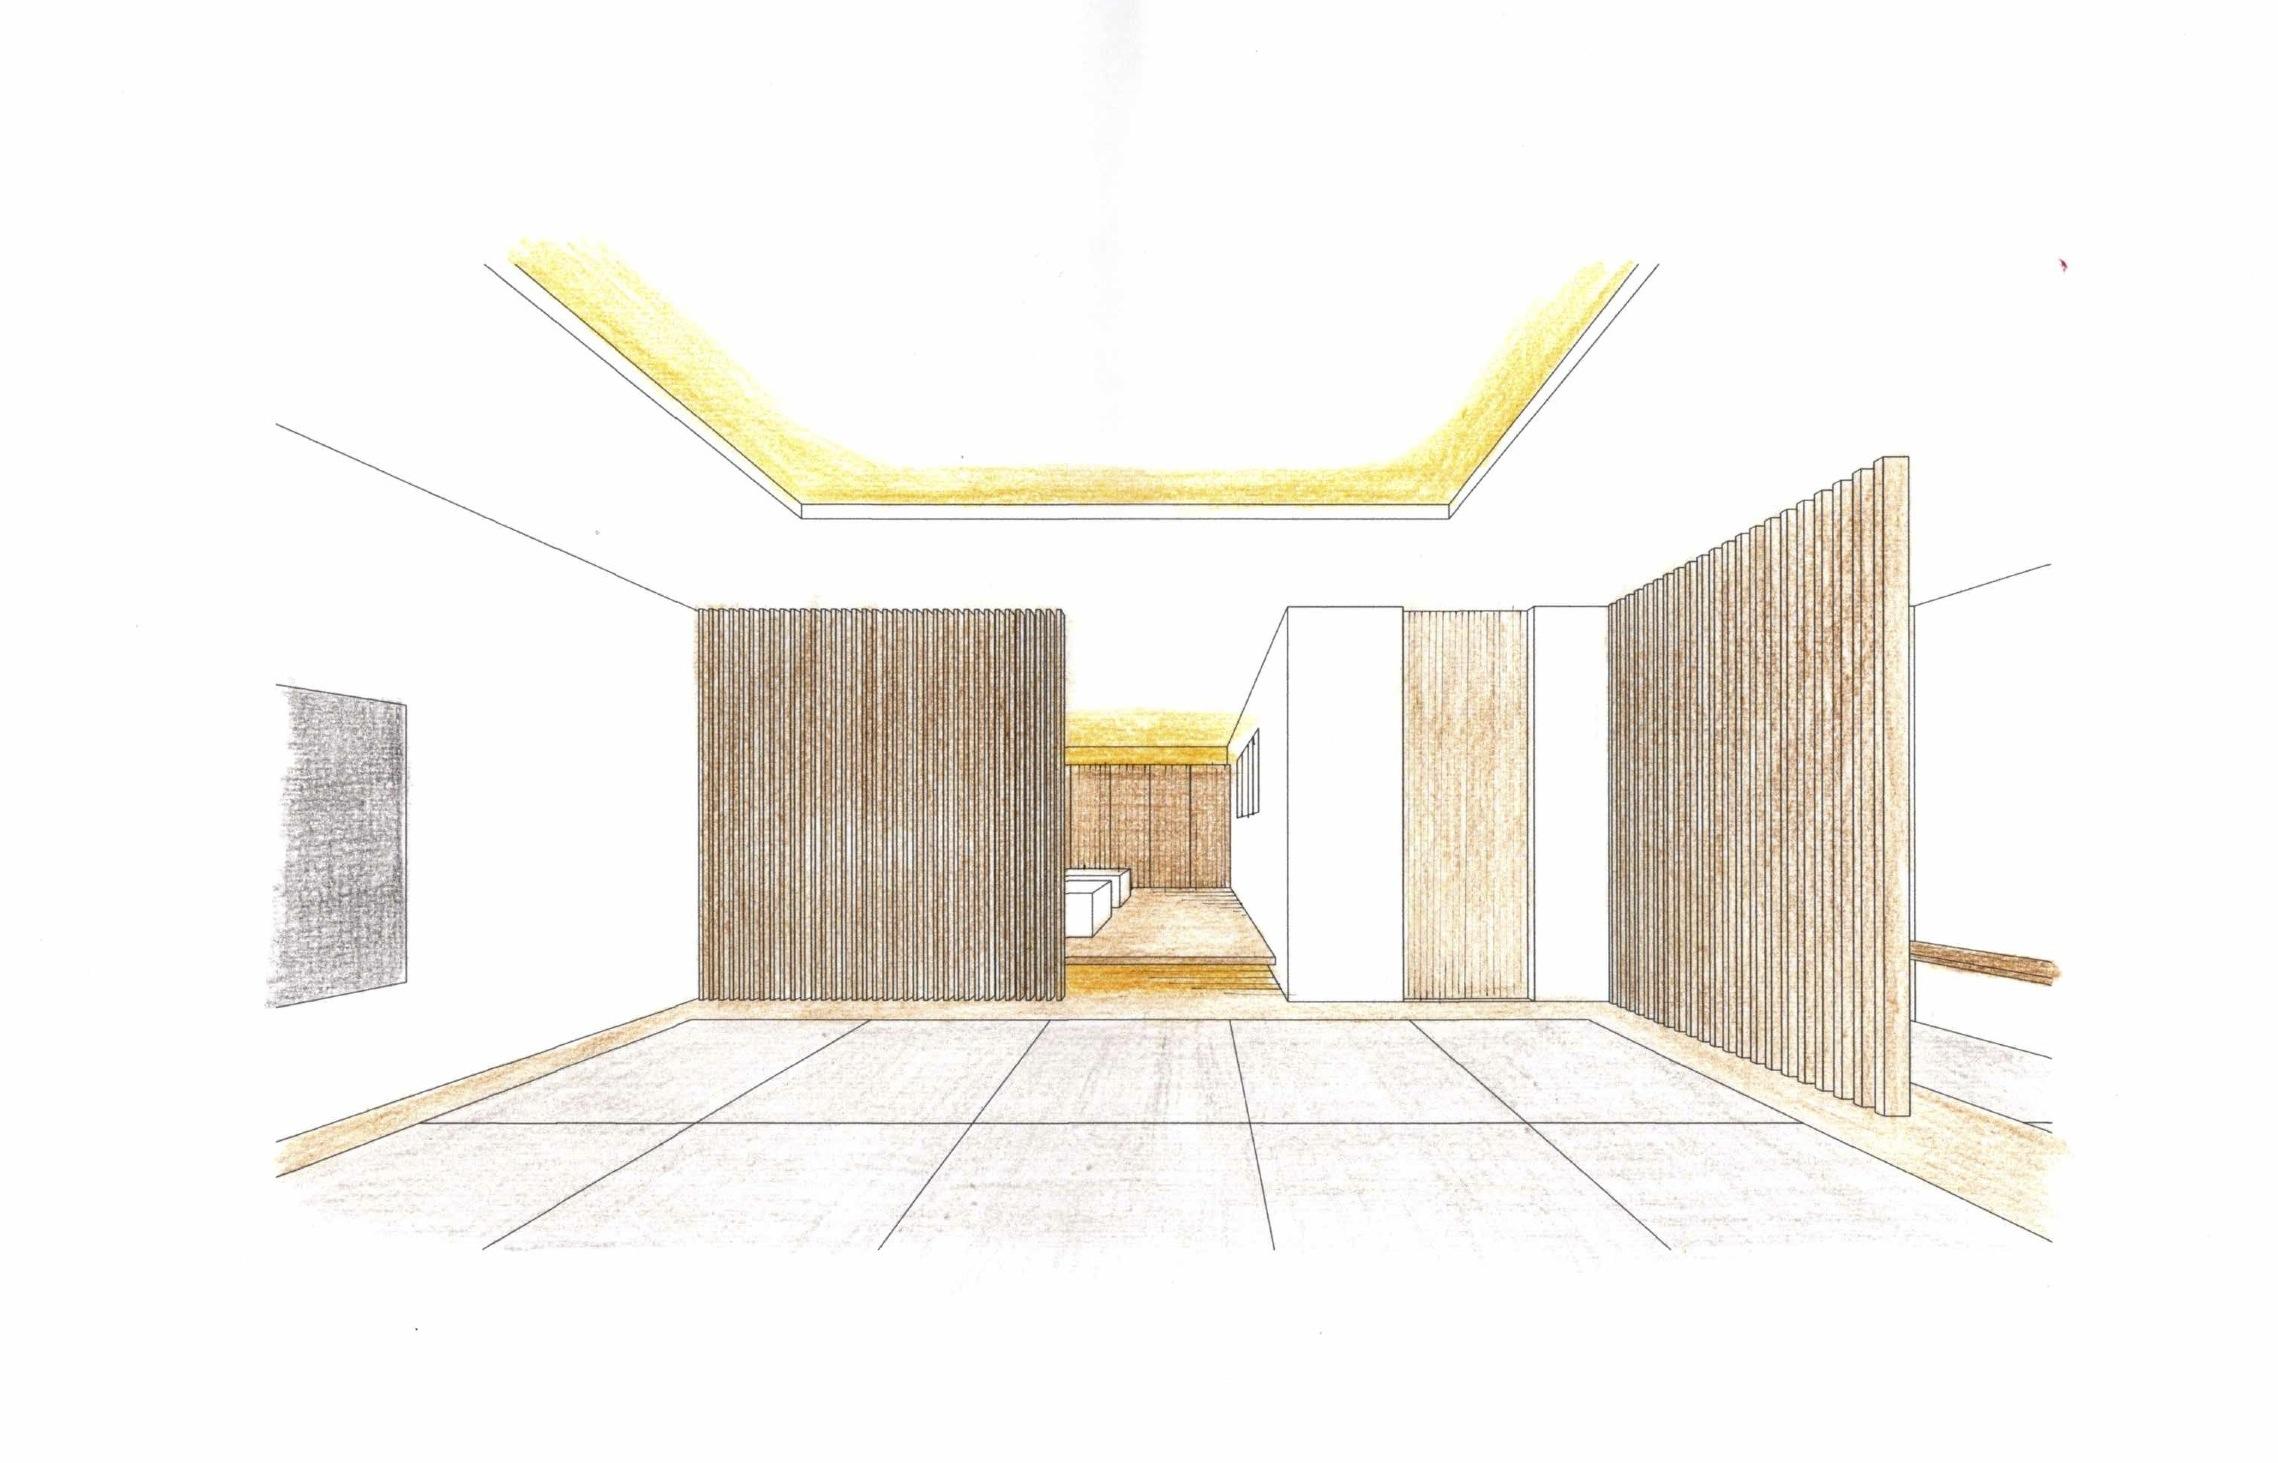 和室の検討,和モダンスイート,宝塚,高級注文住宅設計,プールハウス